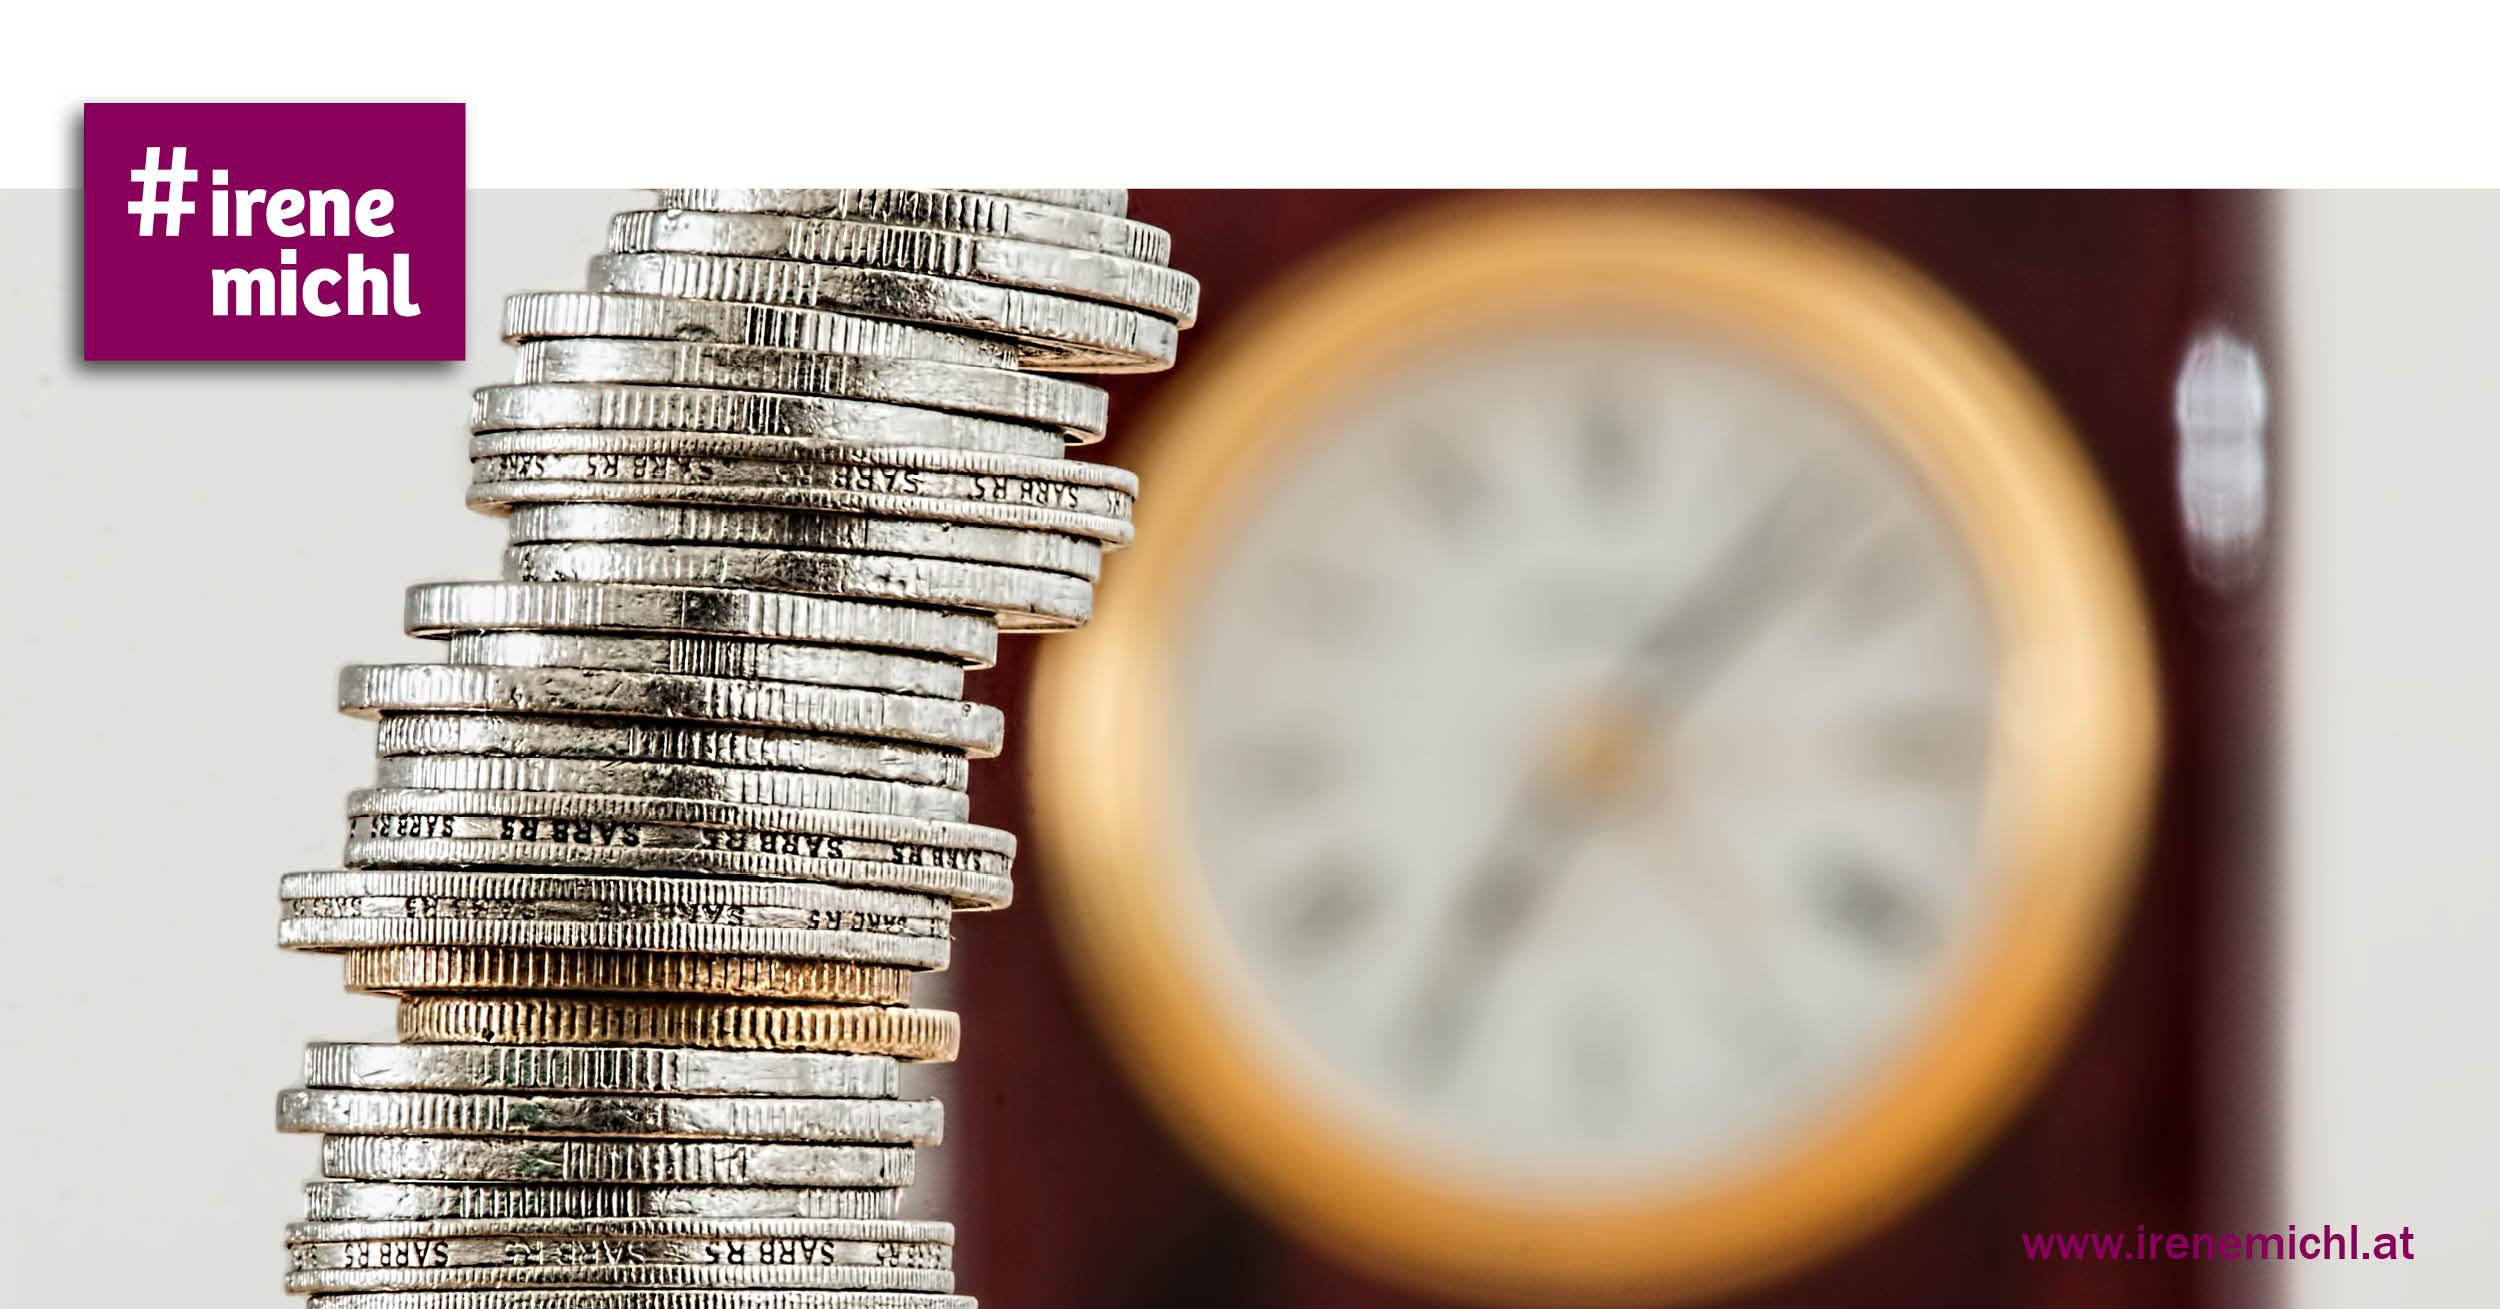 Münzen mit Uhr im Hintergrund